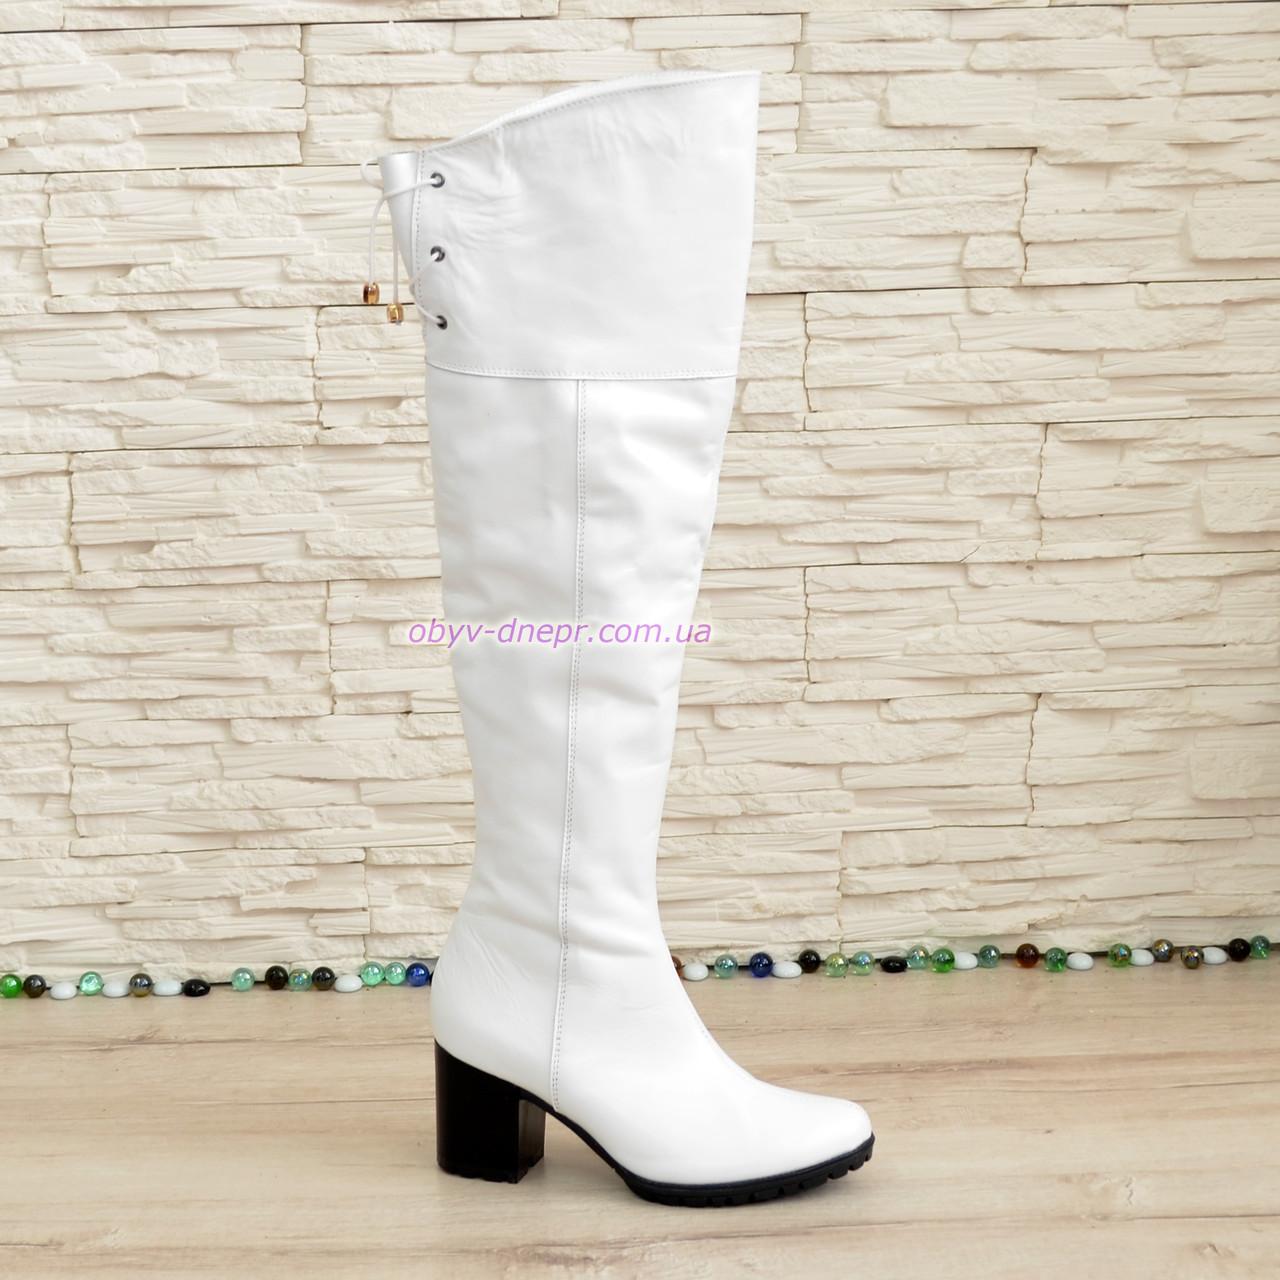 Ботфорты зимние кожаные на каблуке. Белый цвет. 41 размер